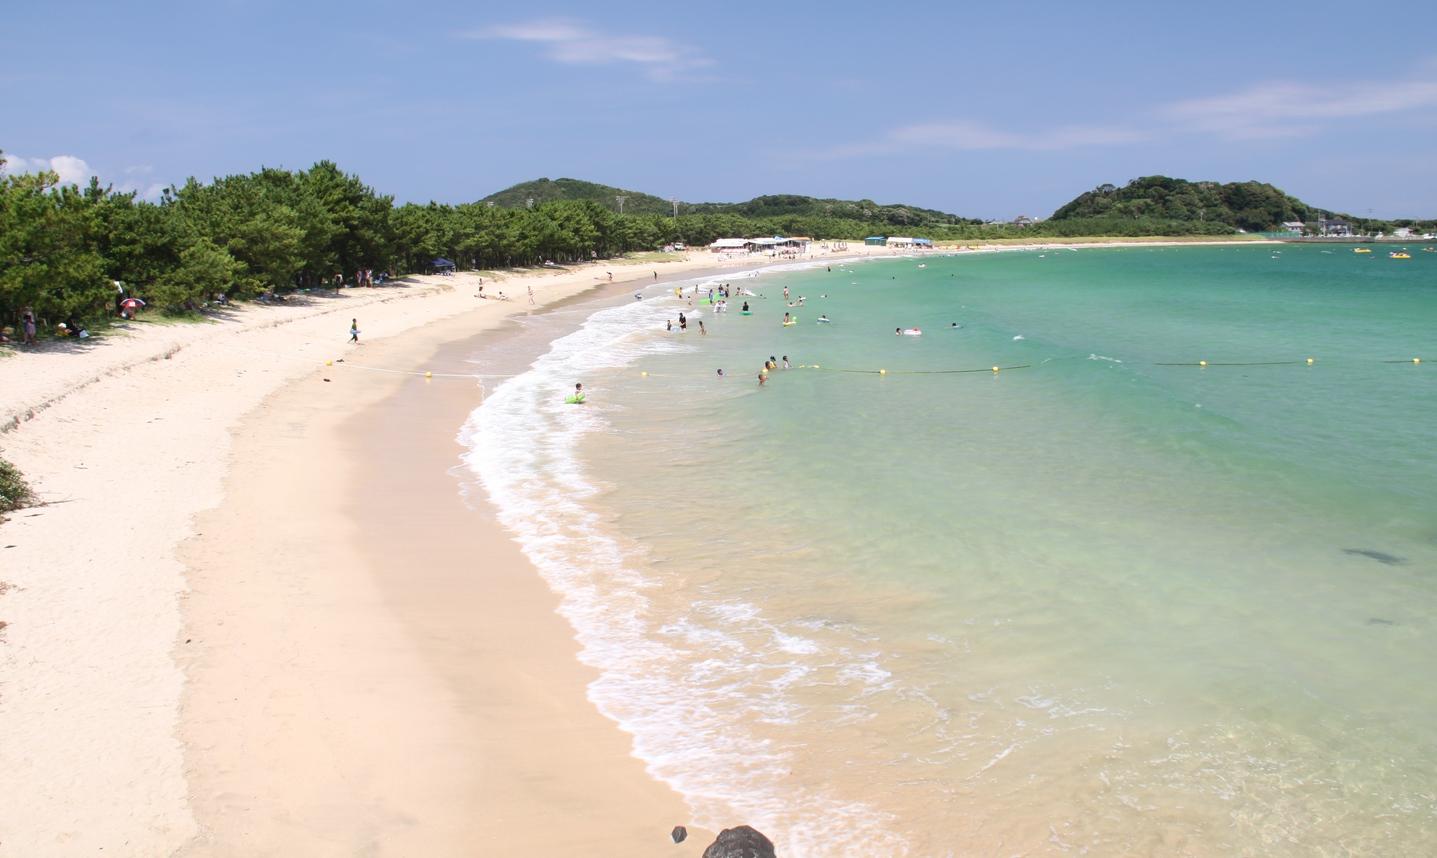 長崎・壱岐島の観光スポットでおすすめは?見所や釣り・宿泊情報を紹介!